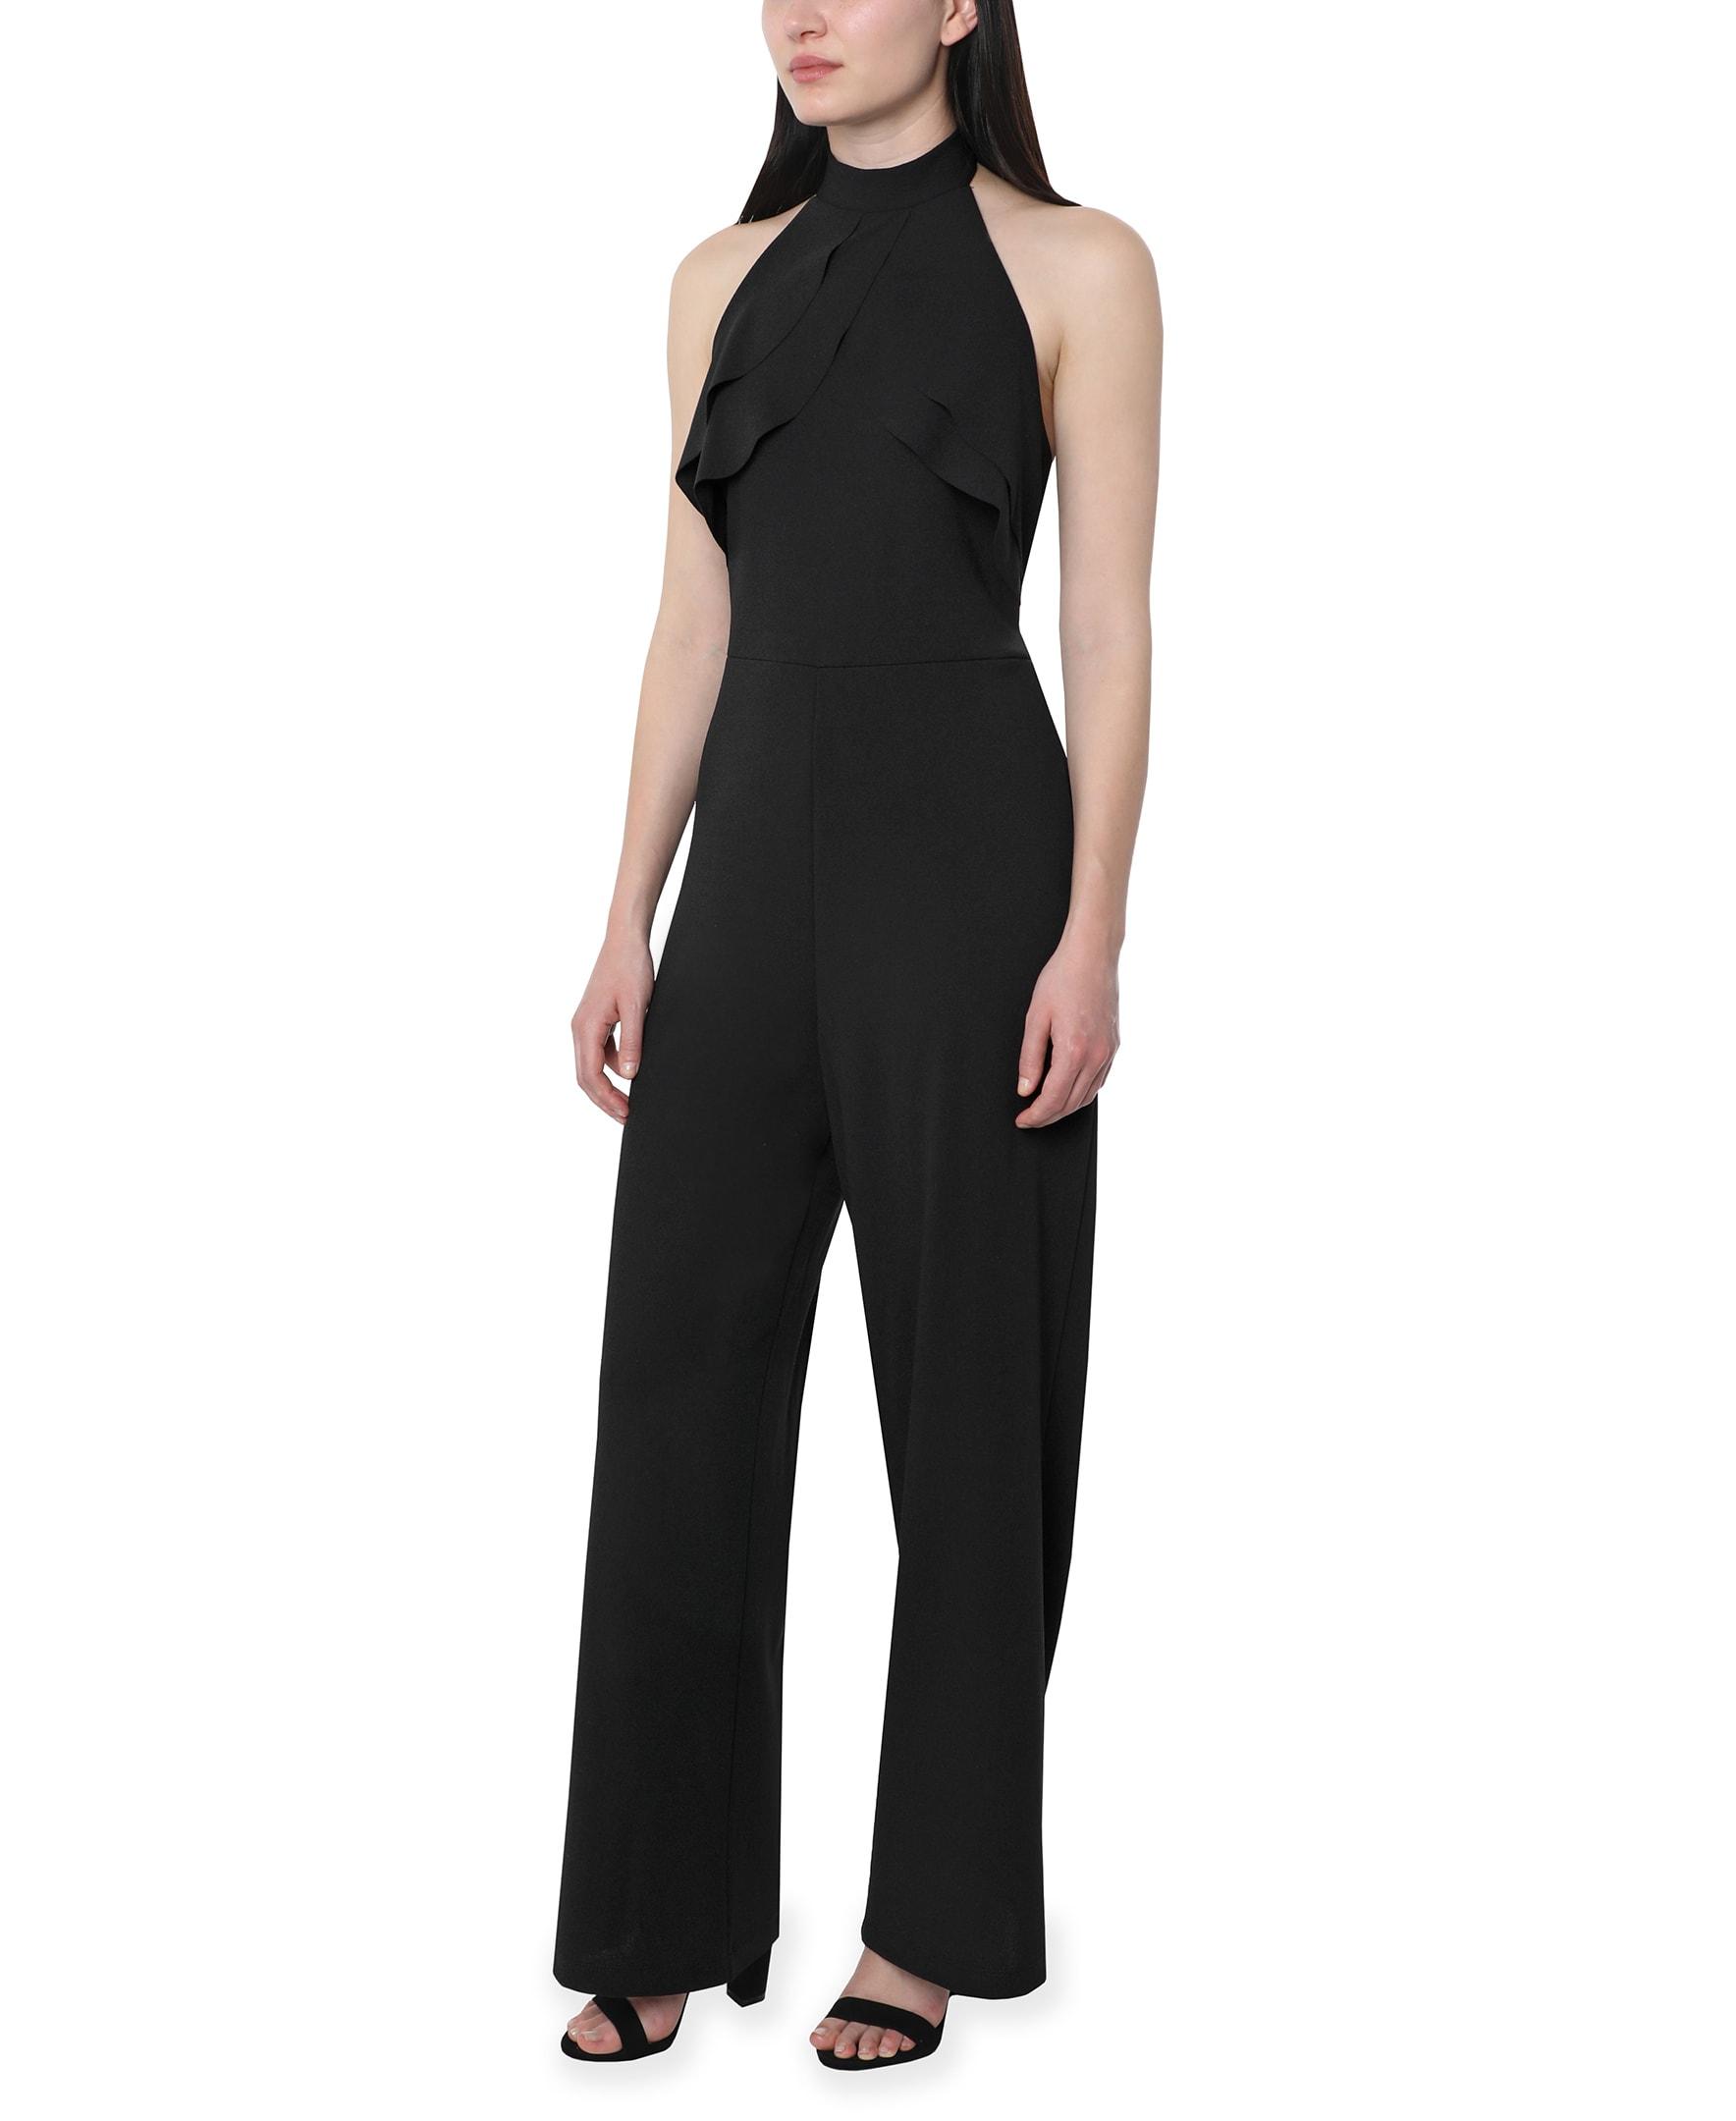 Bebe Halter Jumpsuit - black - Front